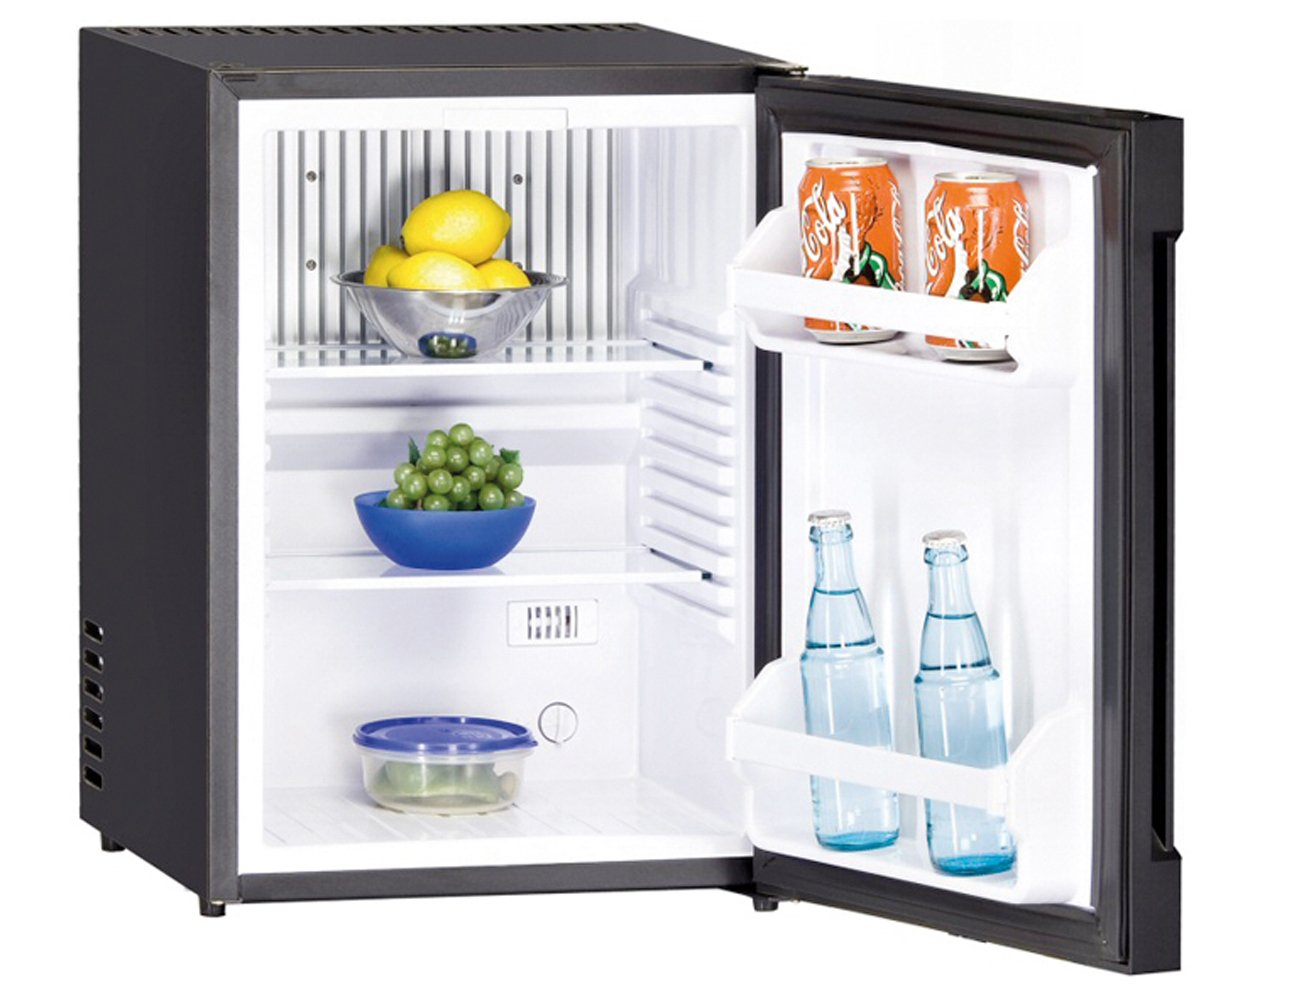 Kleiner Kühlschrank Weiß : Exquisit fa40 einbau kühlschrank 310 kwh jahr 40 l kühlteil